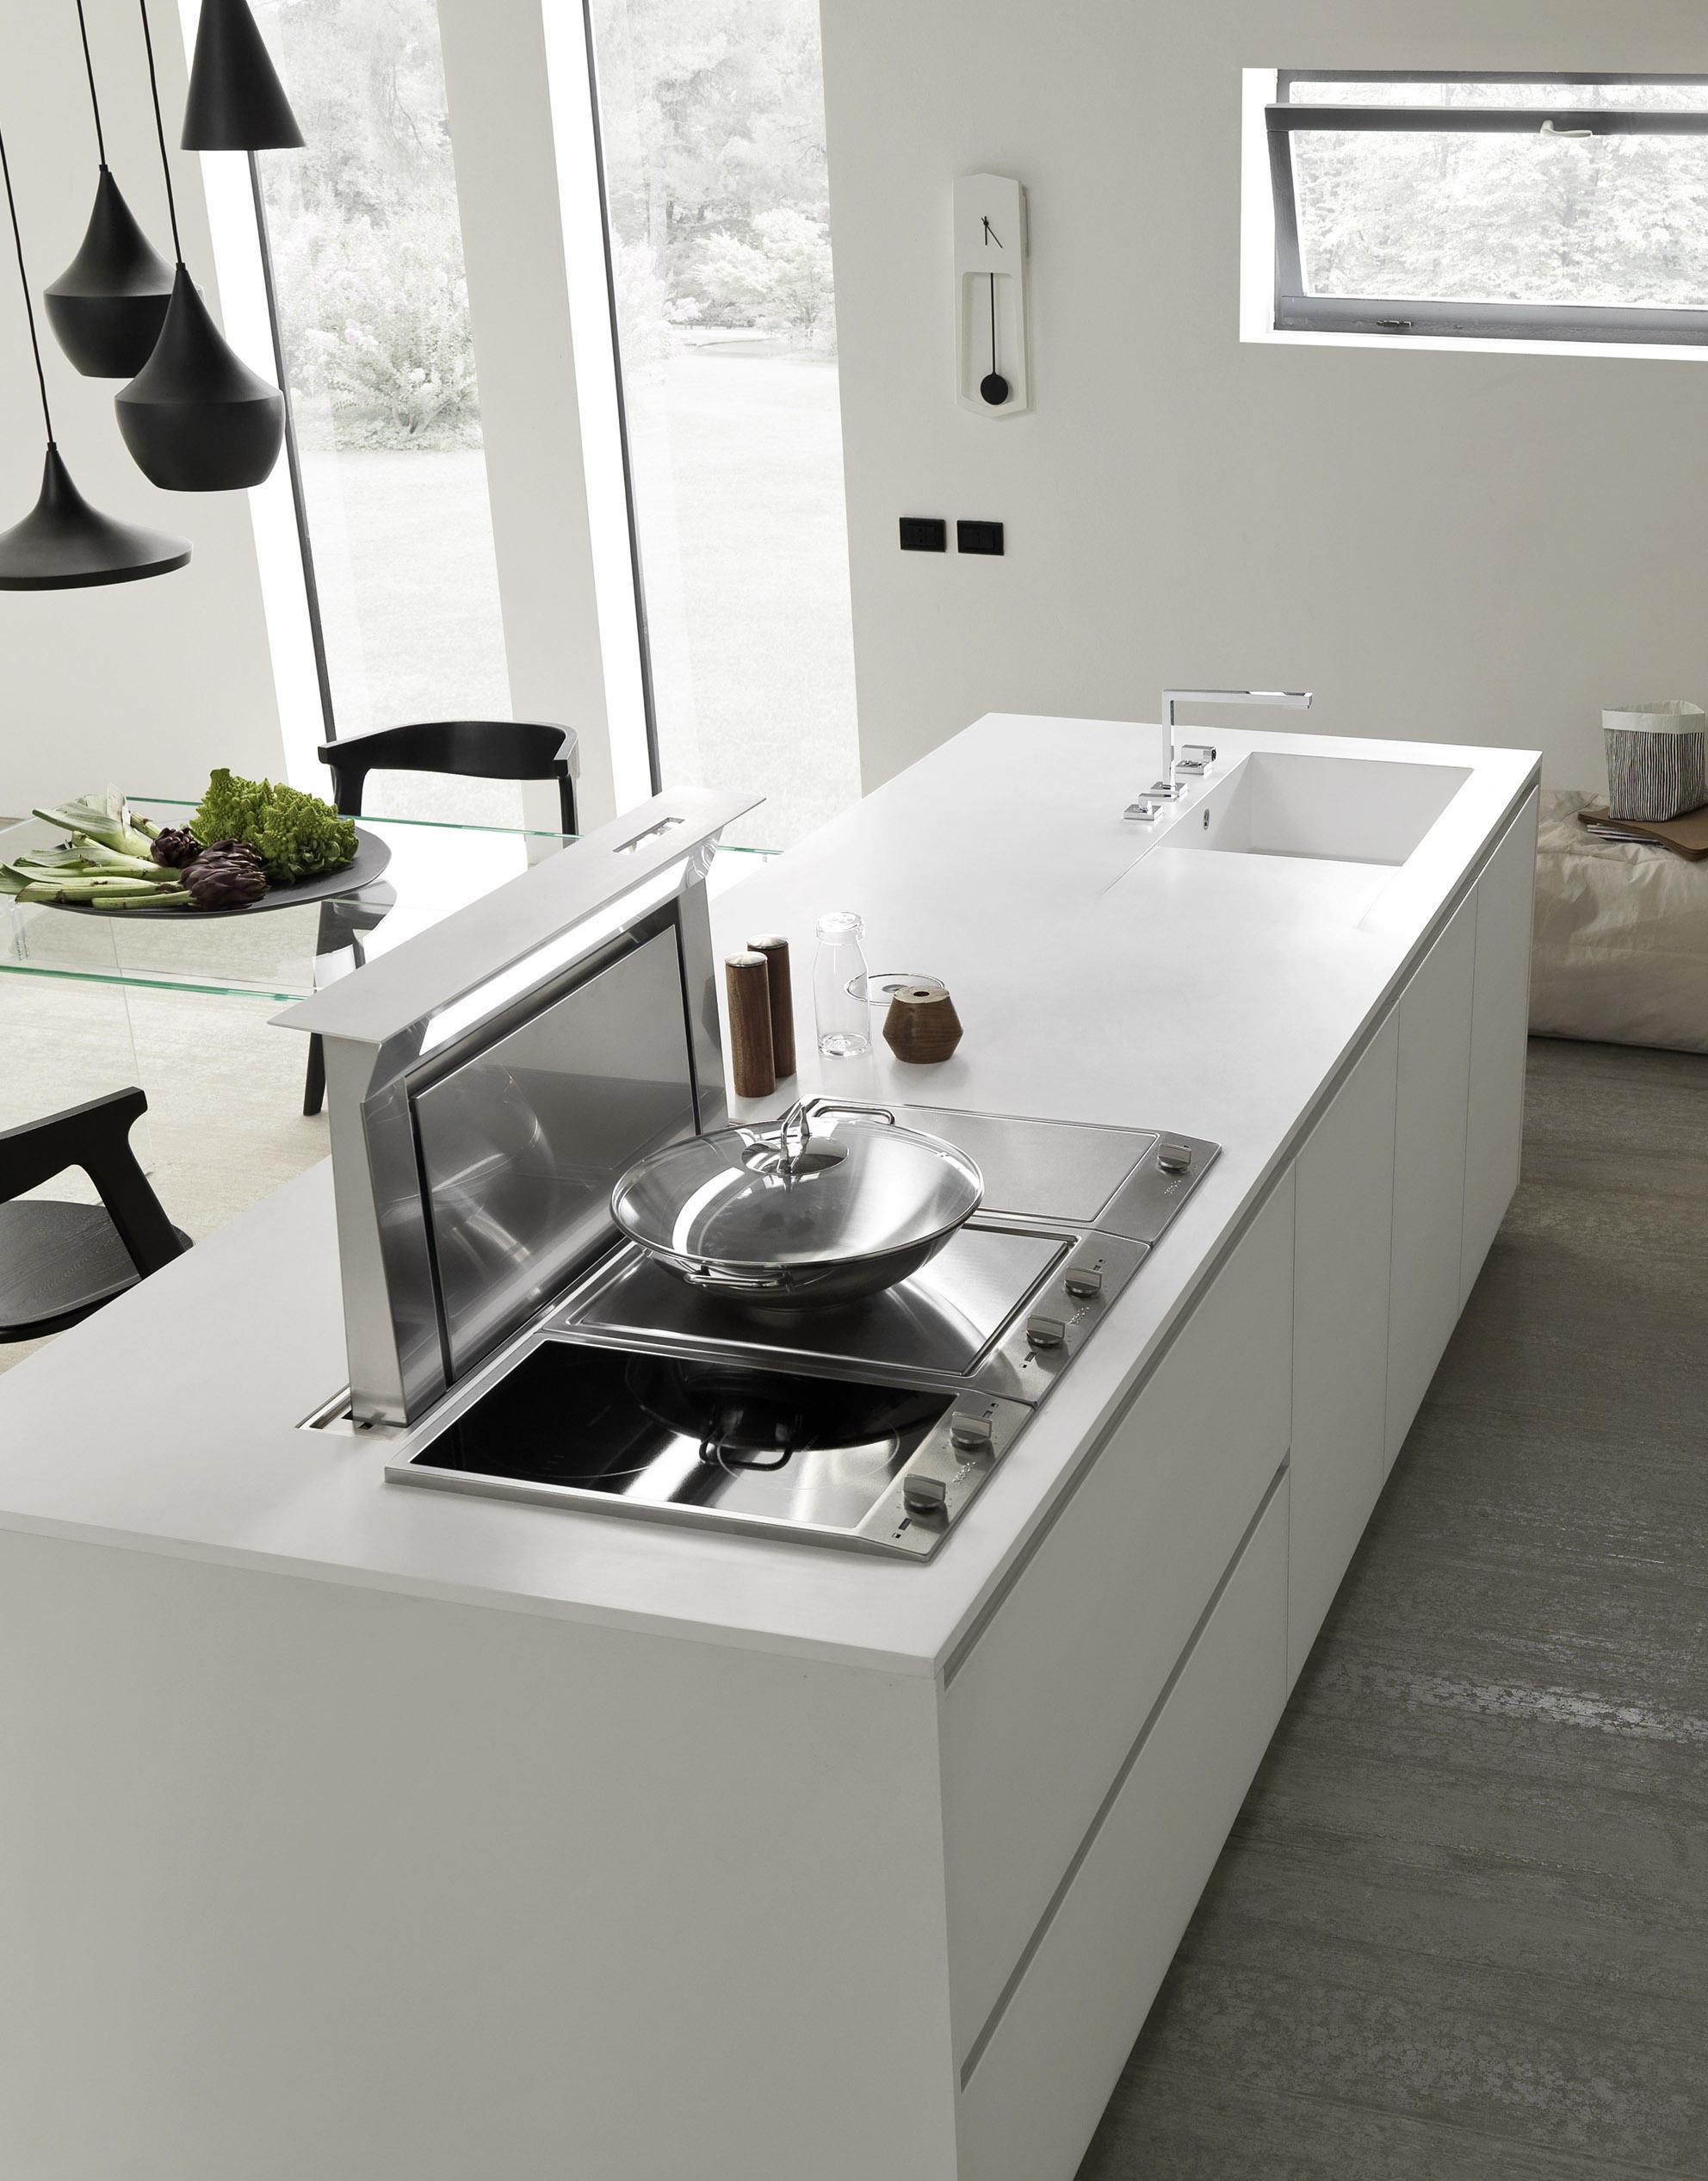 K_GOCCIA VETRO - Einbauküchen von Meson\'s Cucine | Architonic